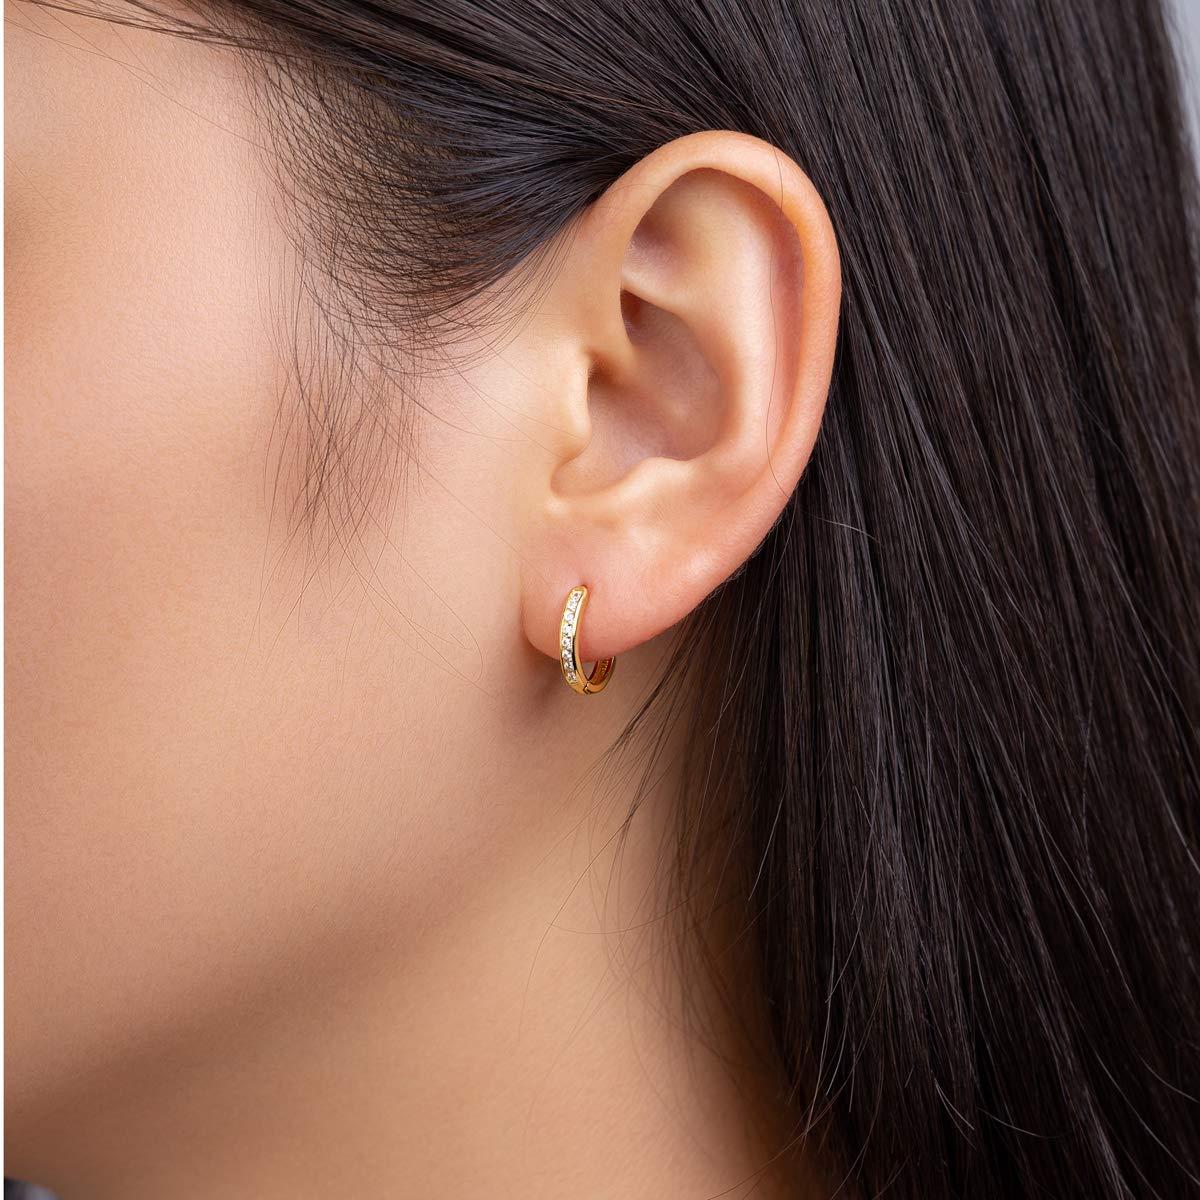 Silver Hoop Earrings for Women Girls 925 Sterling Silver Cartilage Earring Small Hoop Earring Hypoallergenic Piercing Huggie Cubic Zirconia Cuff Earrings